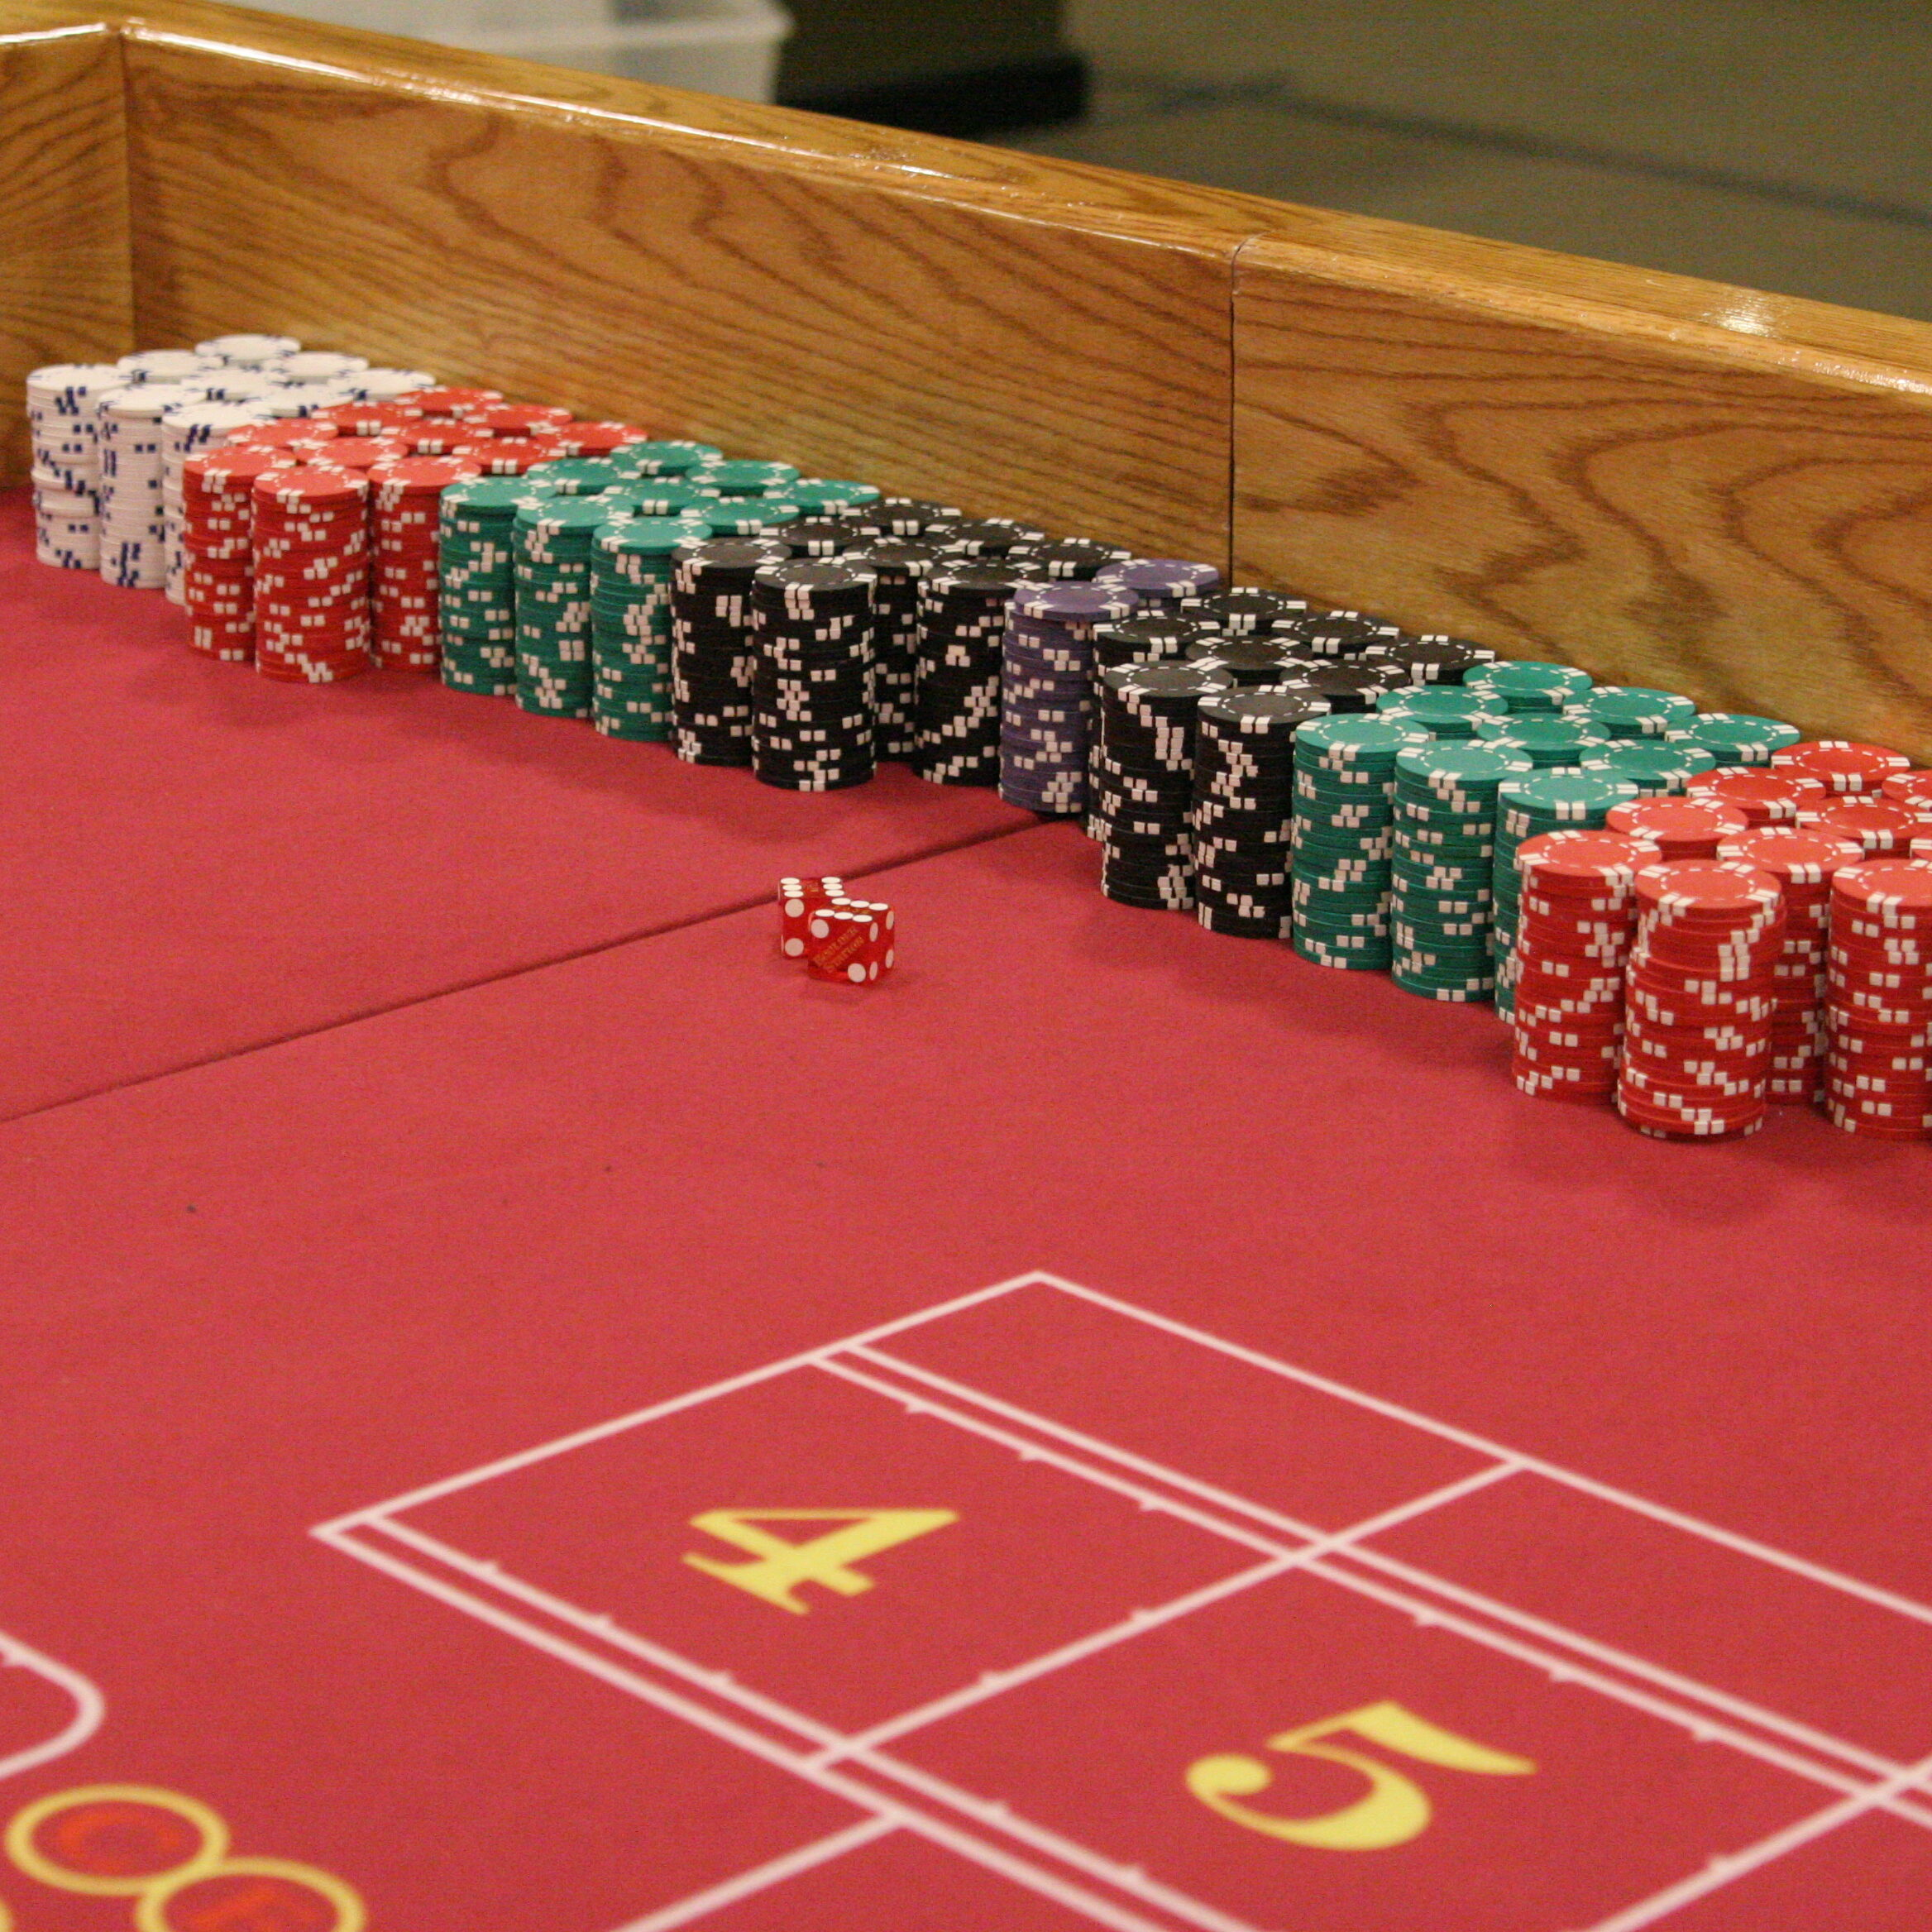 CasinoRentalGames8